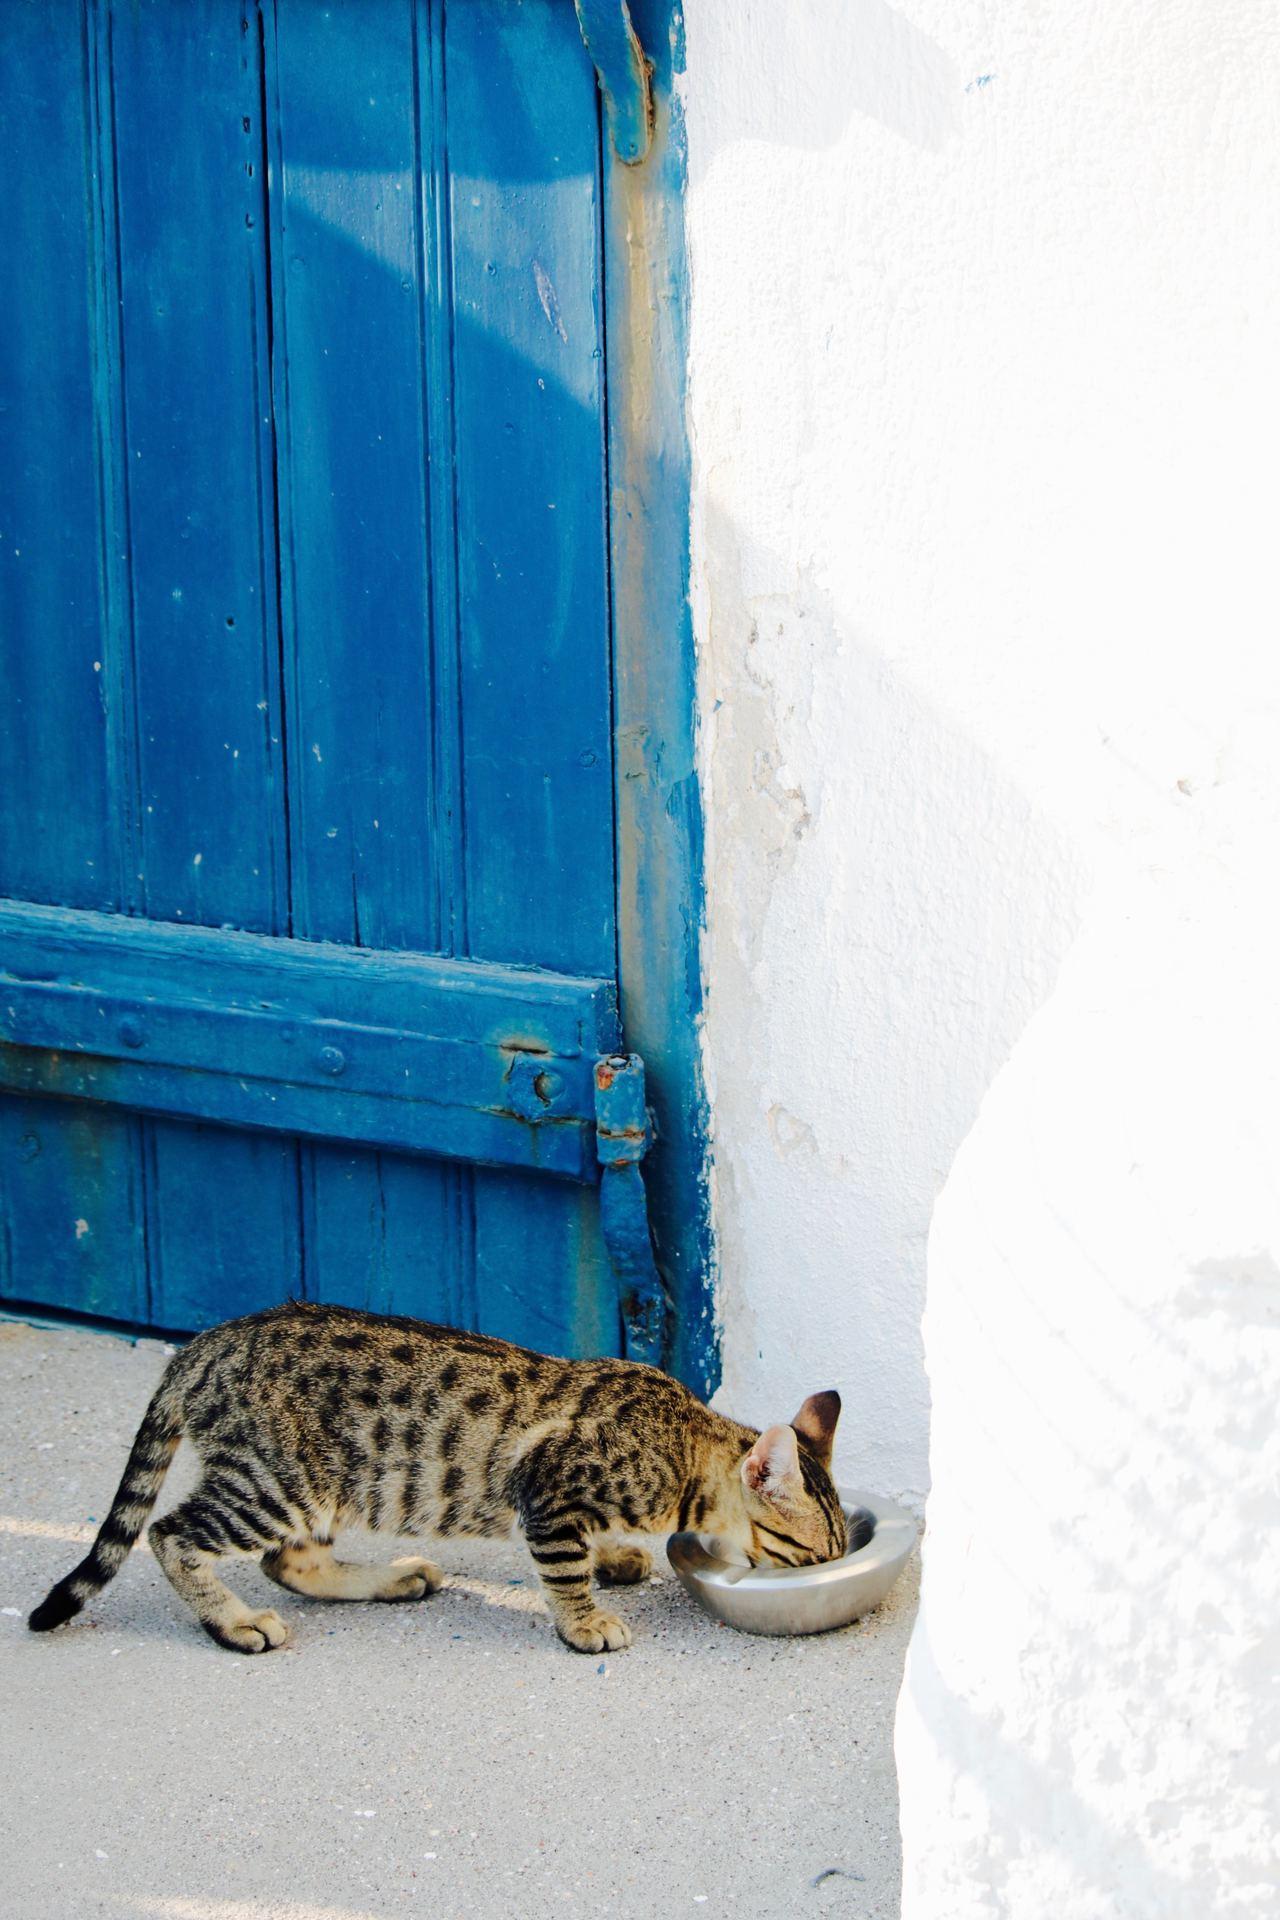 飼主要留意貓咪是否缺水,以避免便秘問題。圖/美國寵物食品協會提供